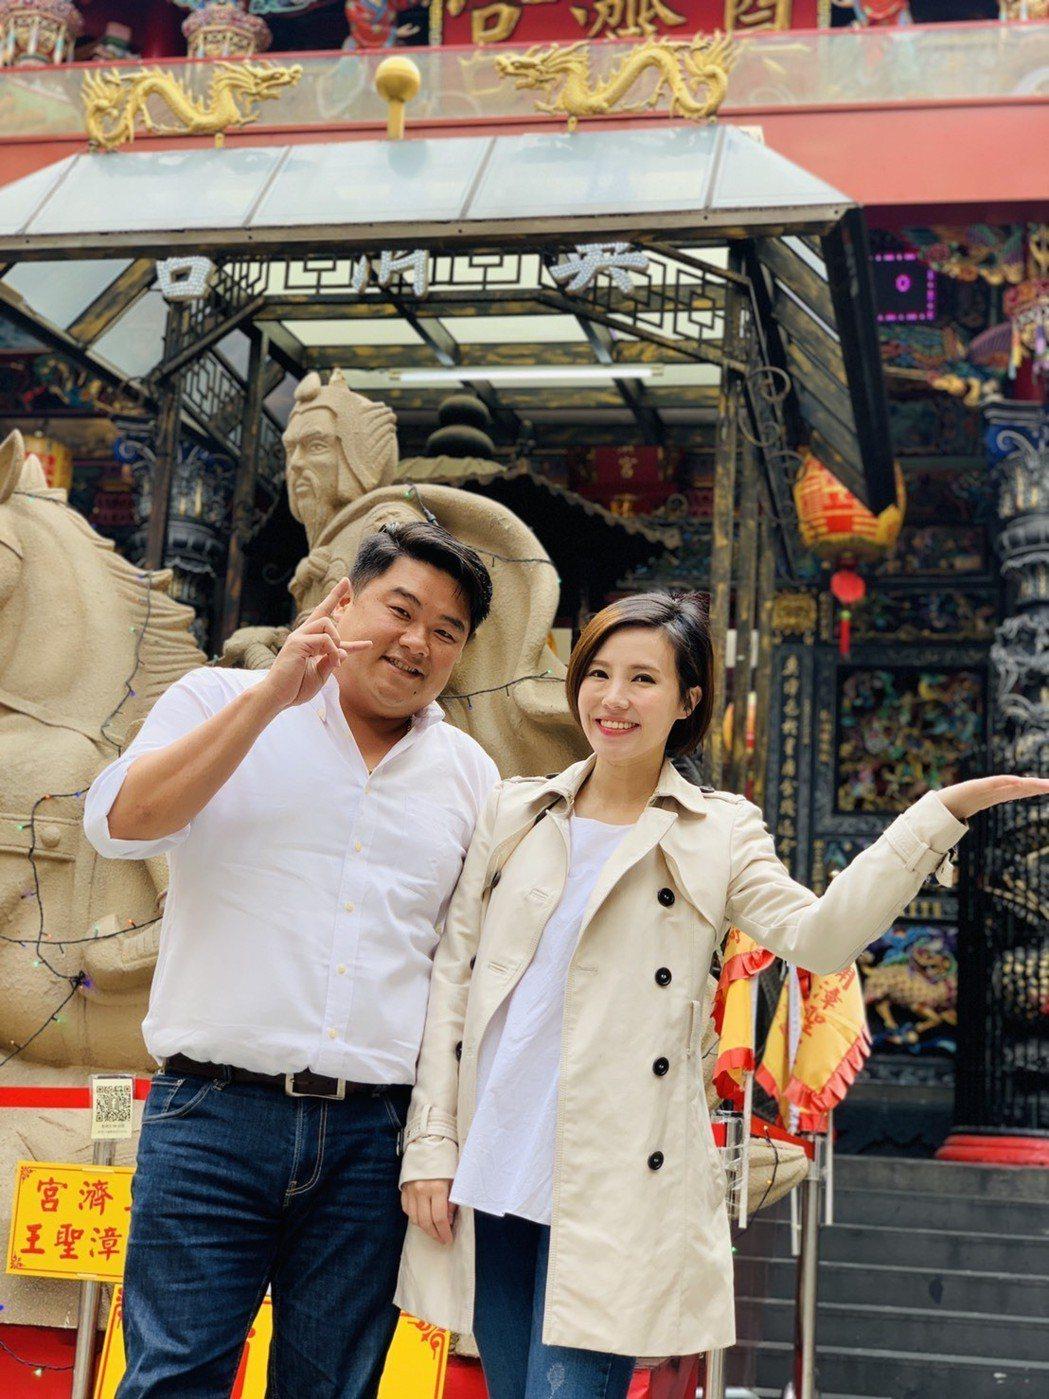 主播王偊菁(右)與知名網紅補教名師呂捷聯手主持的全新歷史行腳知識型節目「呂讀台灣